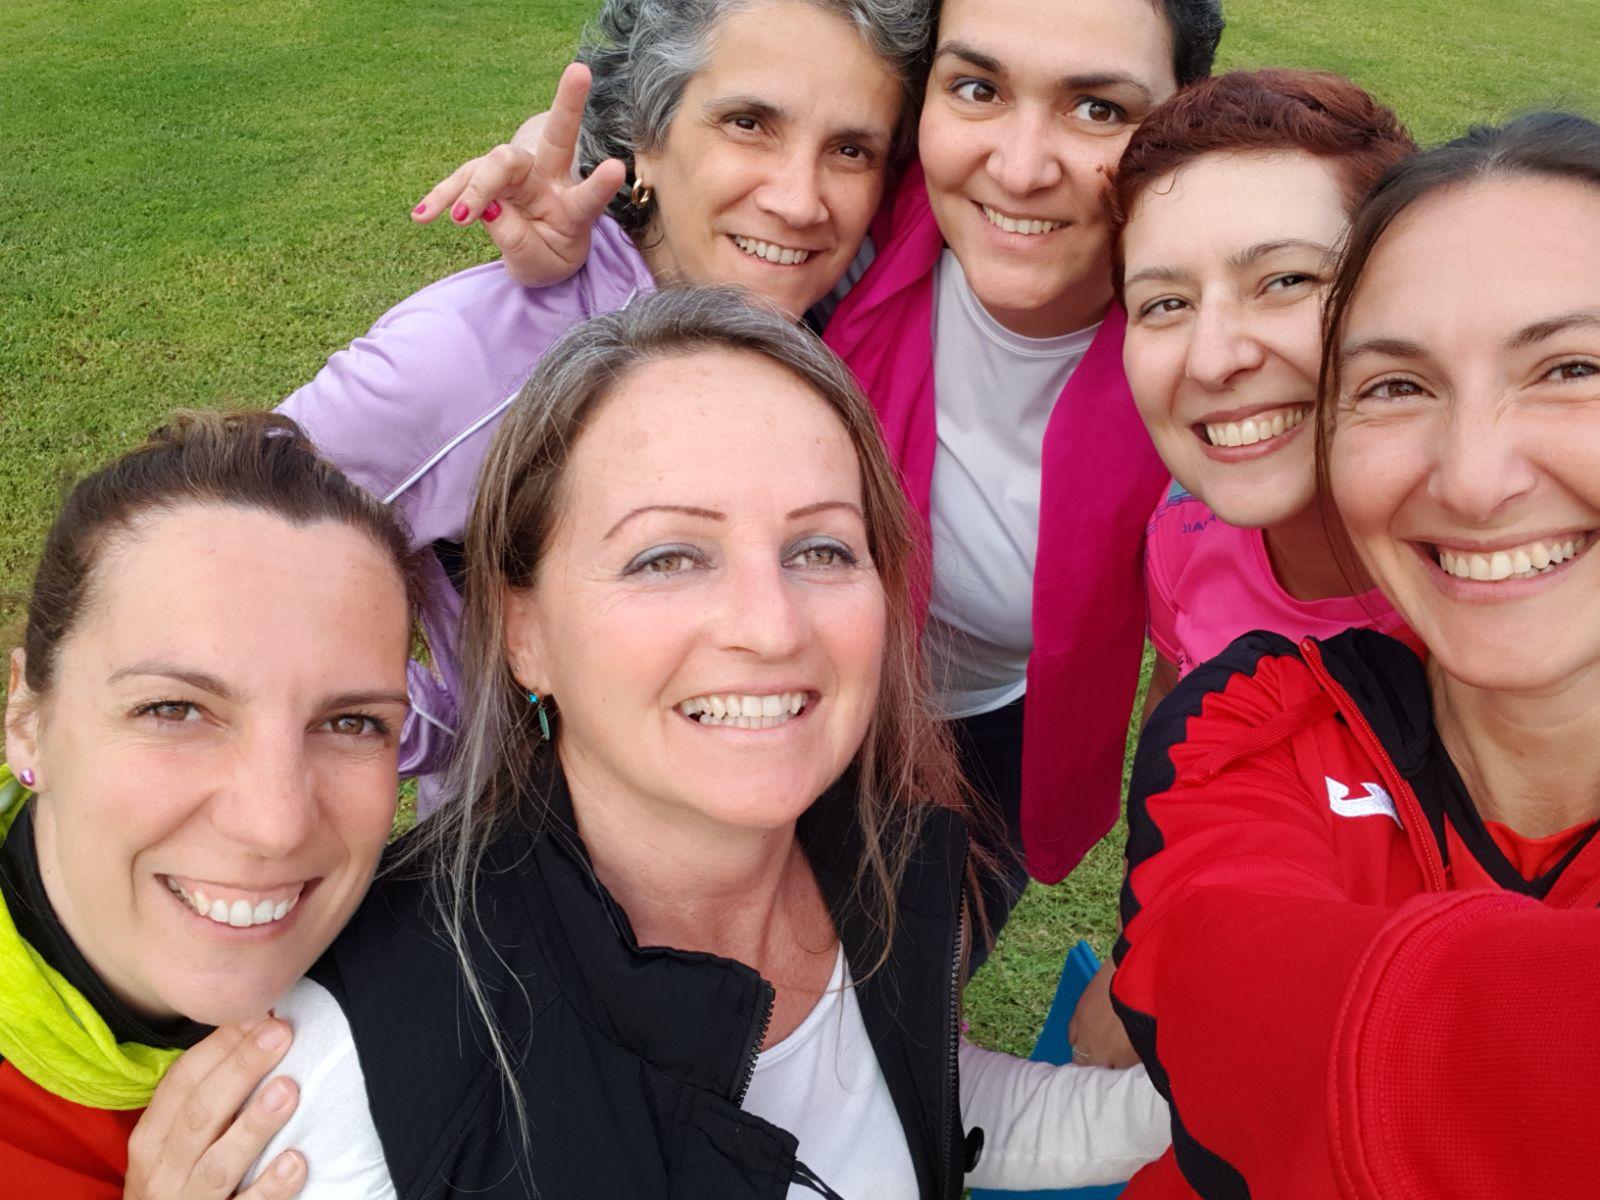 Storie di allenatori dell'ASD CMC – Chiara Affinito